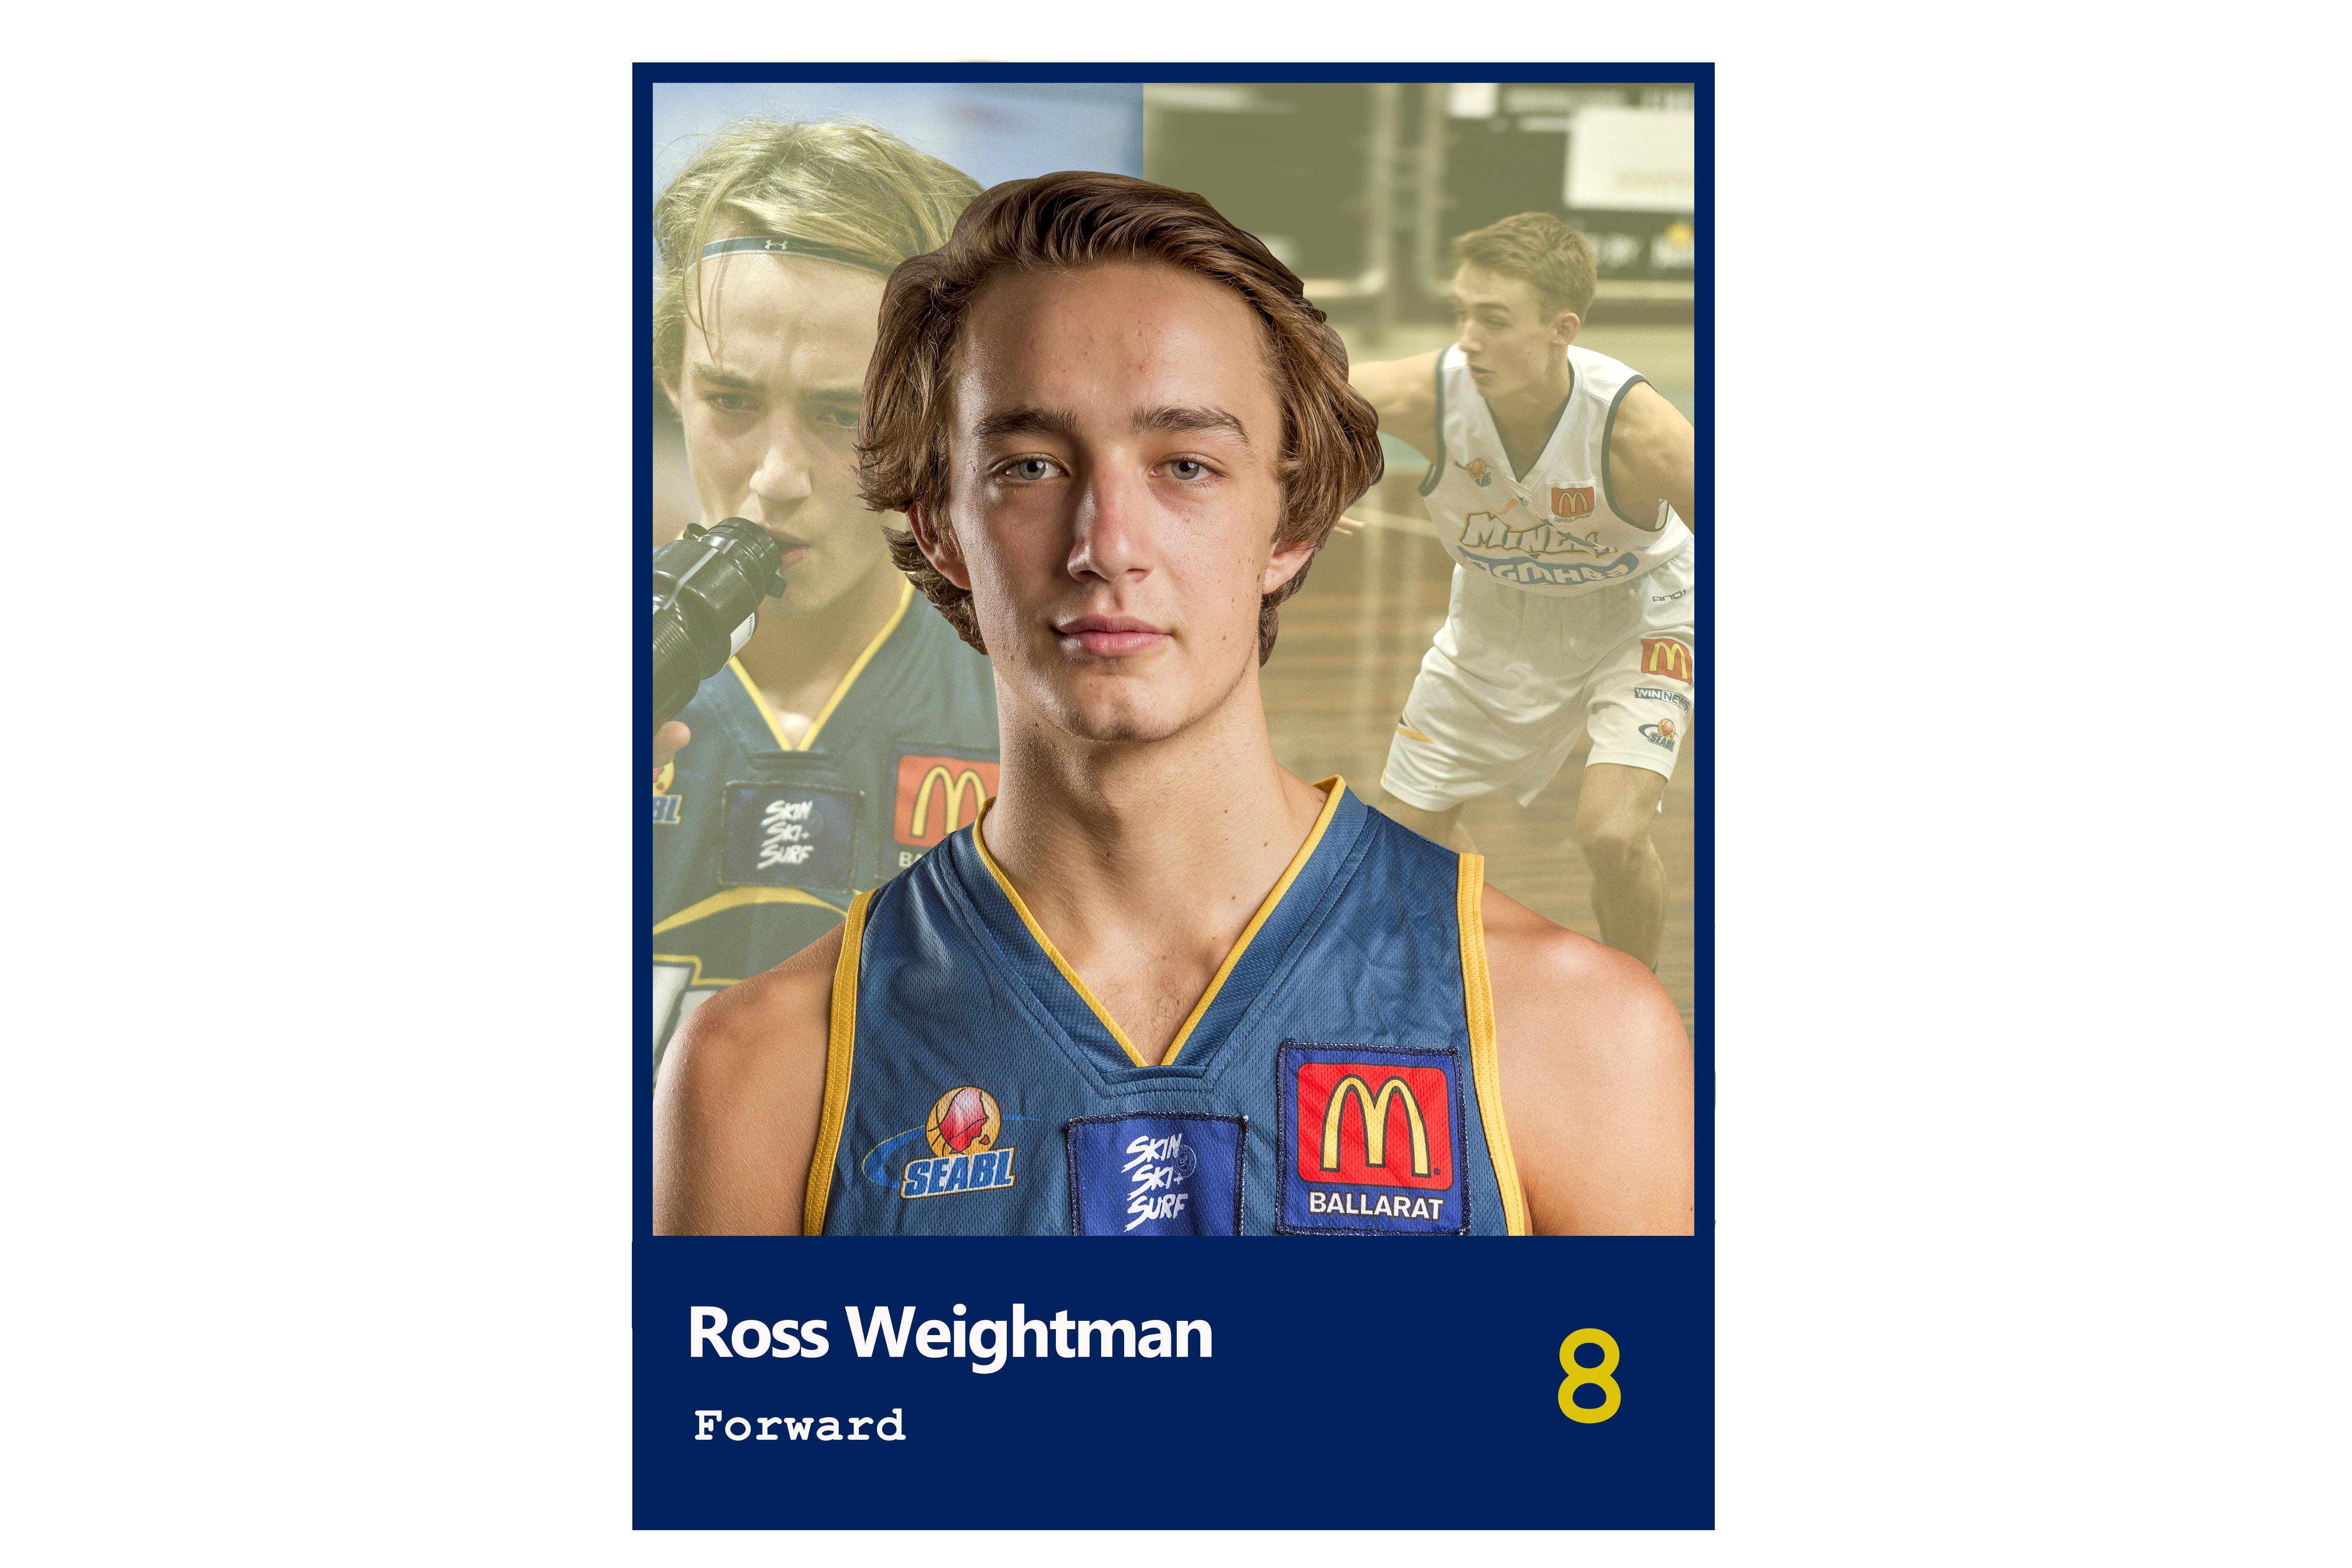 Ross Weightman